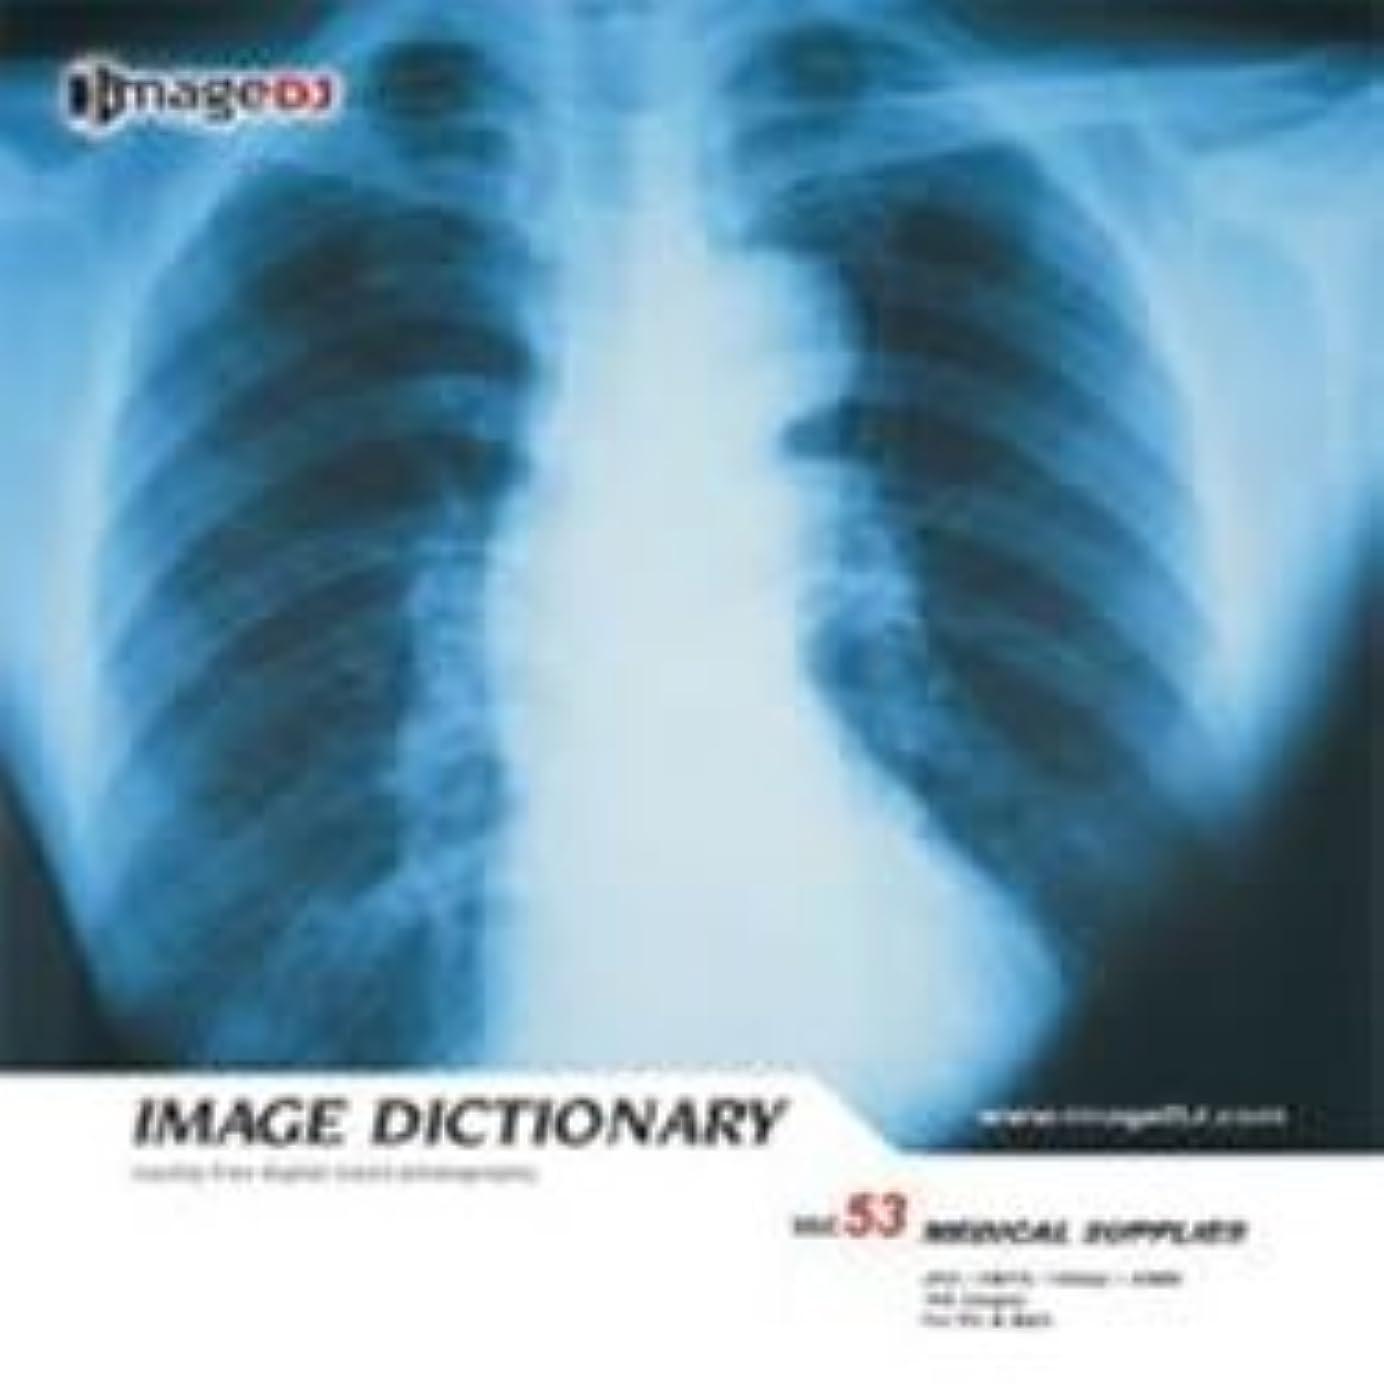 重量交換可能ソケットイメージ ディクショナリー Vol.53 医療用品